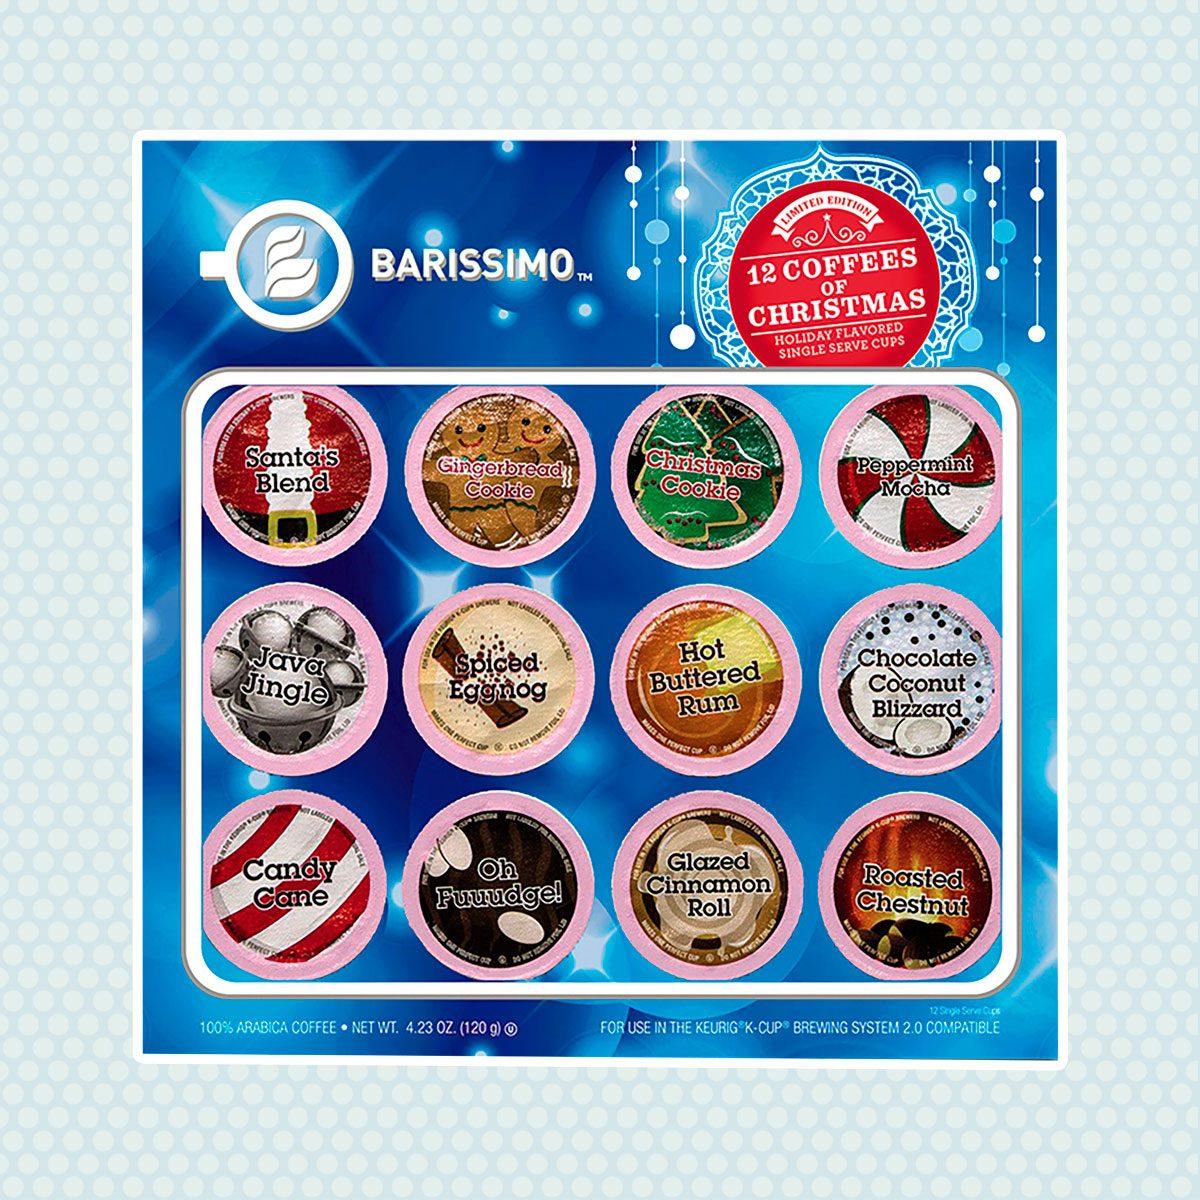 Barissimo 12 Coffees of Christmas